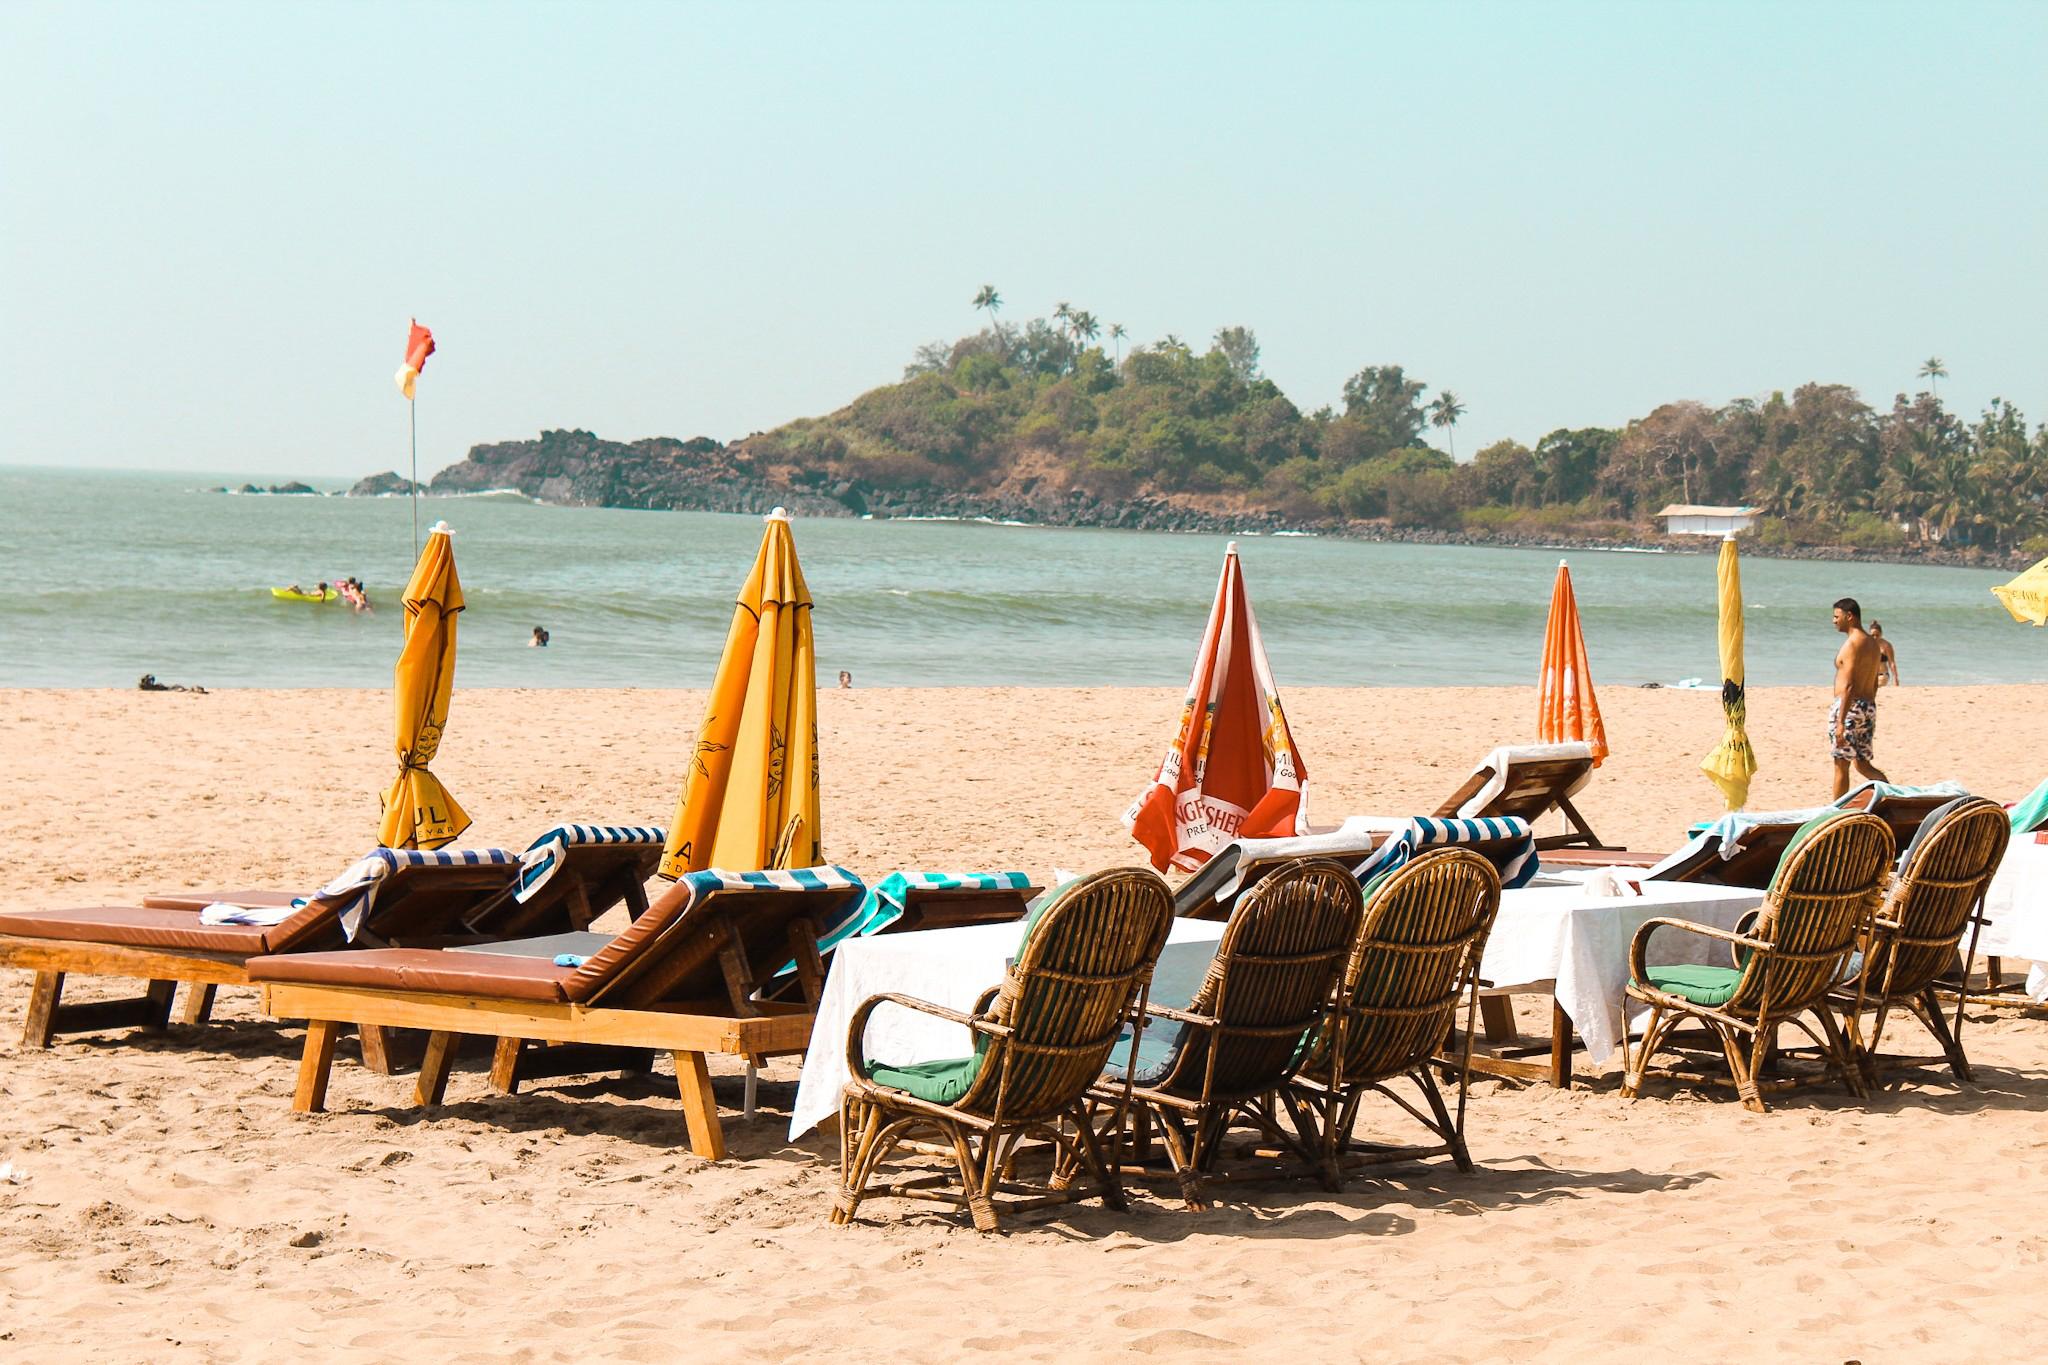 Patnem beach in South Goa